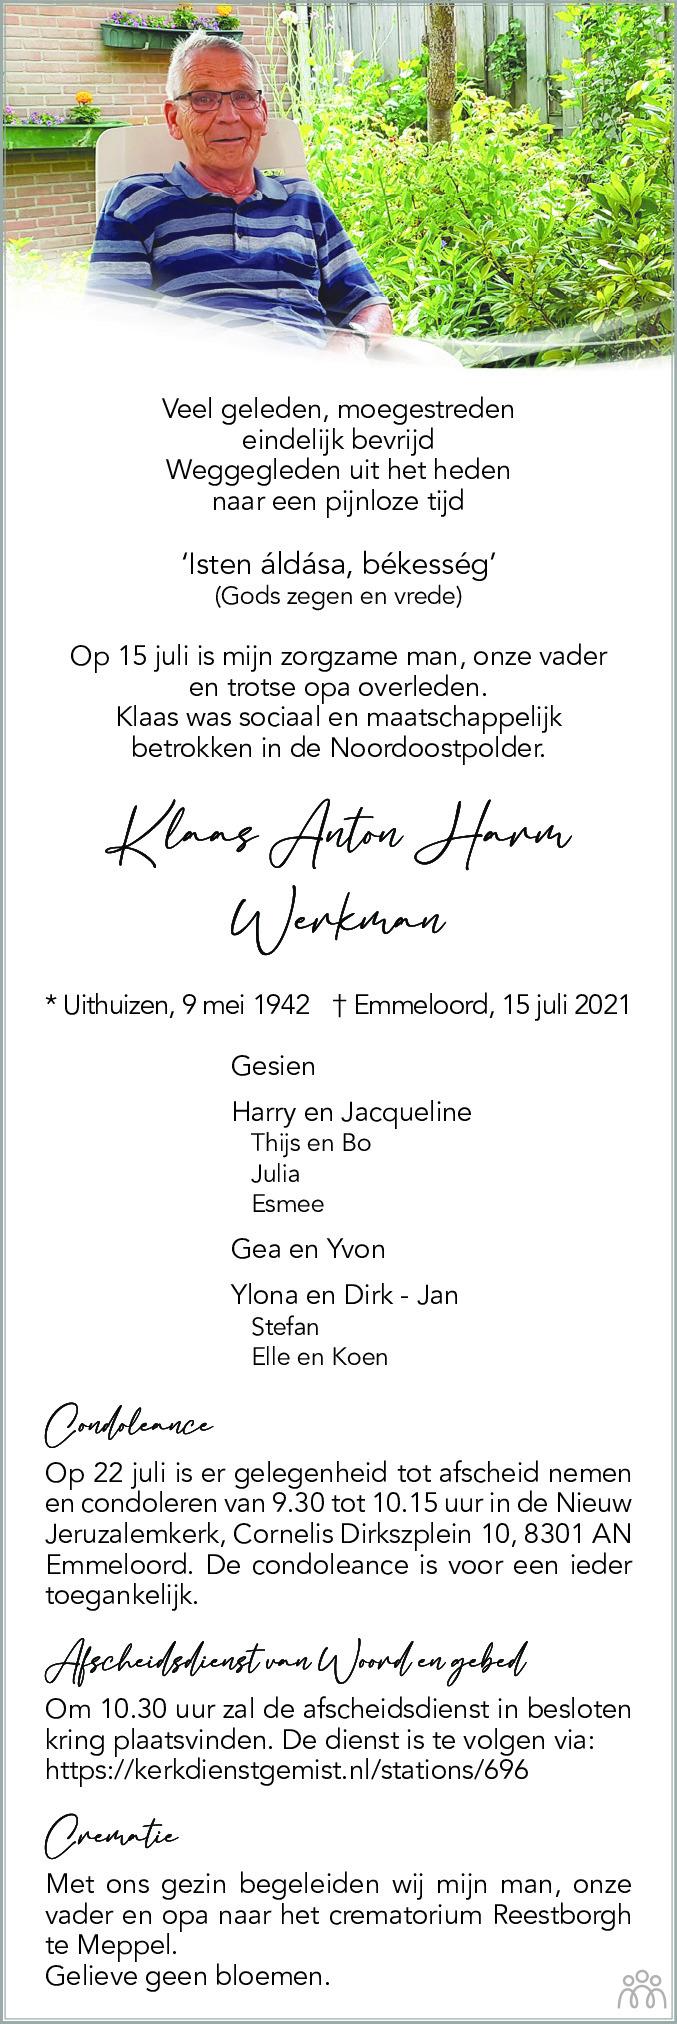 Overlijdensbericht van Klaas Anton Werkman in Noordoostpolder